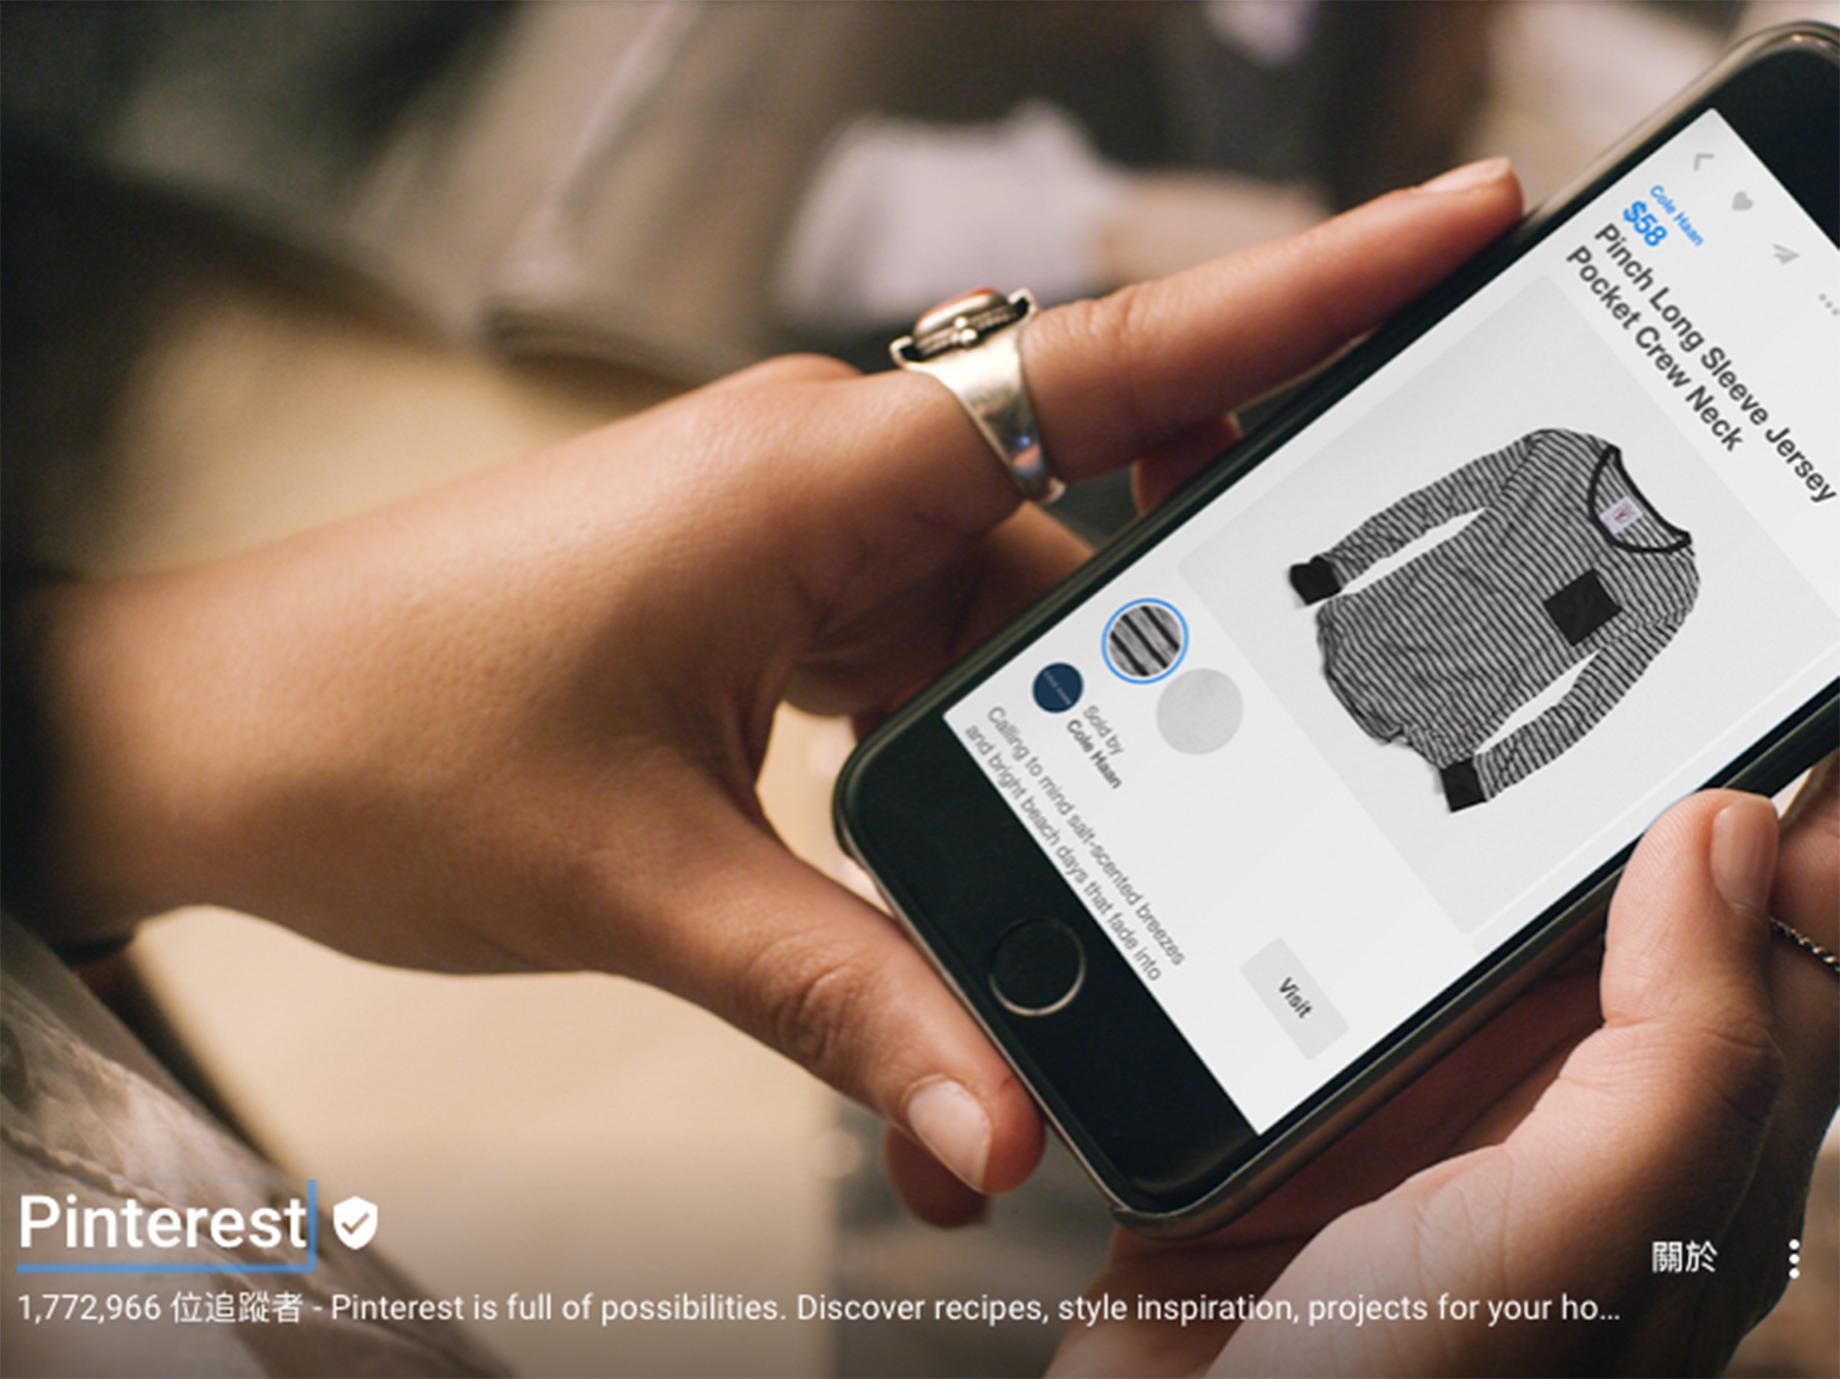 Pinterest、Amazon和Google都在玩!影像辨識如何促進網購?